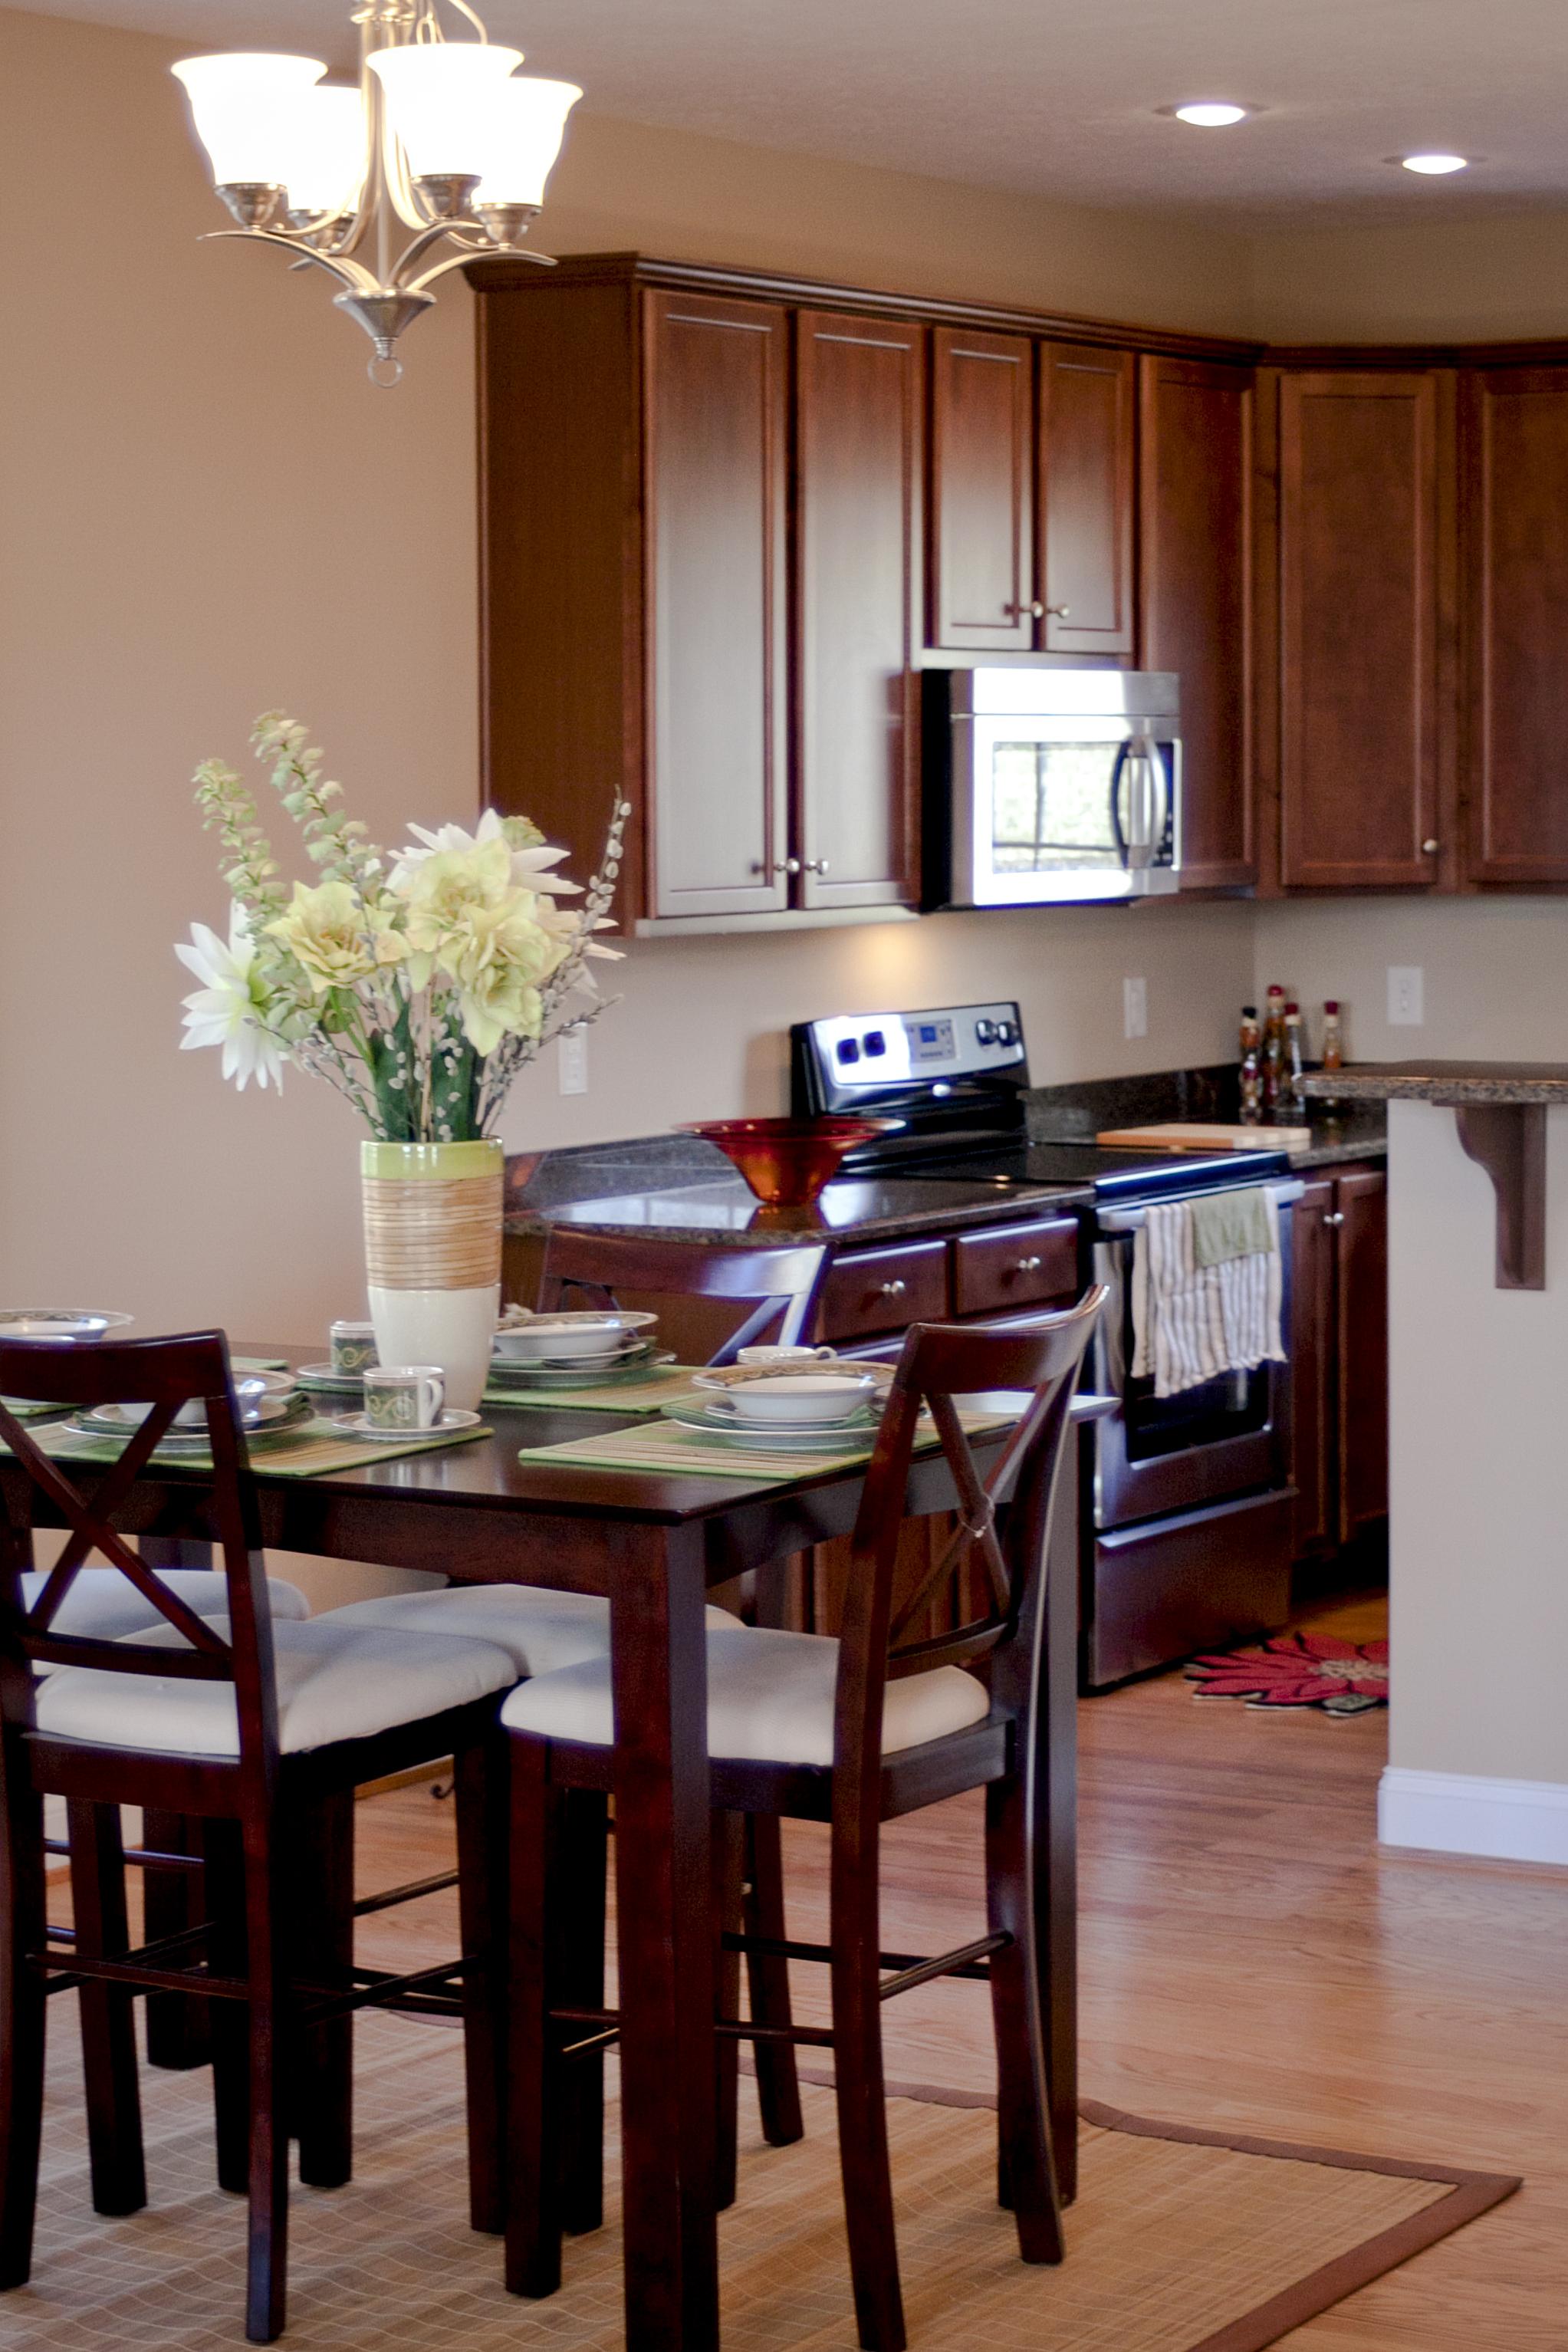 905 Kentwood kitchen1 (2).jpg